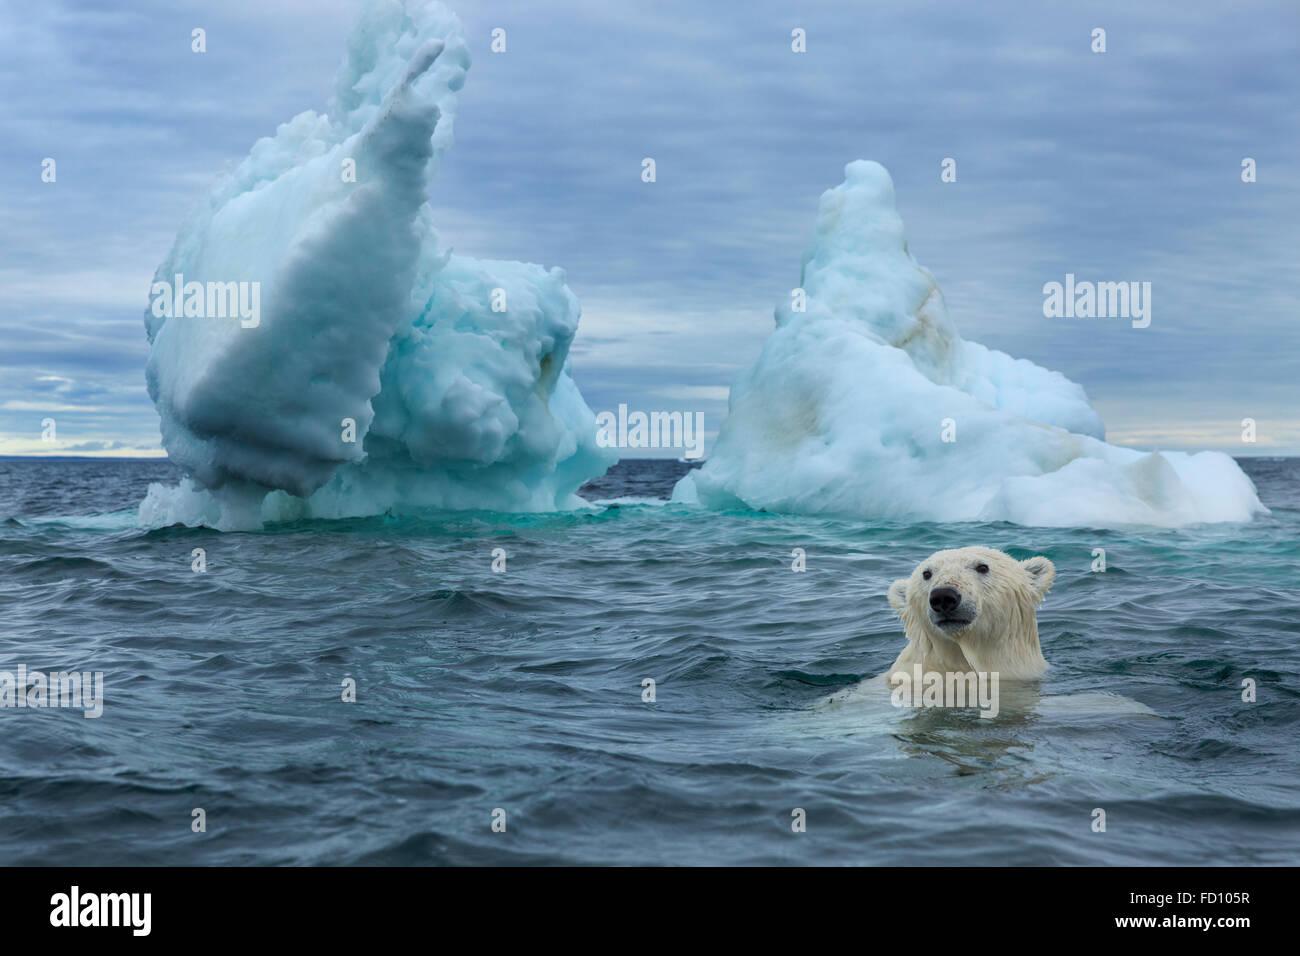 Kanada, Territorium Nunavut, Unterwasser-Blick der Eisbär (Ursus Maritimus) schwimmen in der Nähe des Stockbild